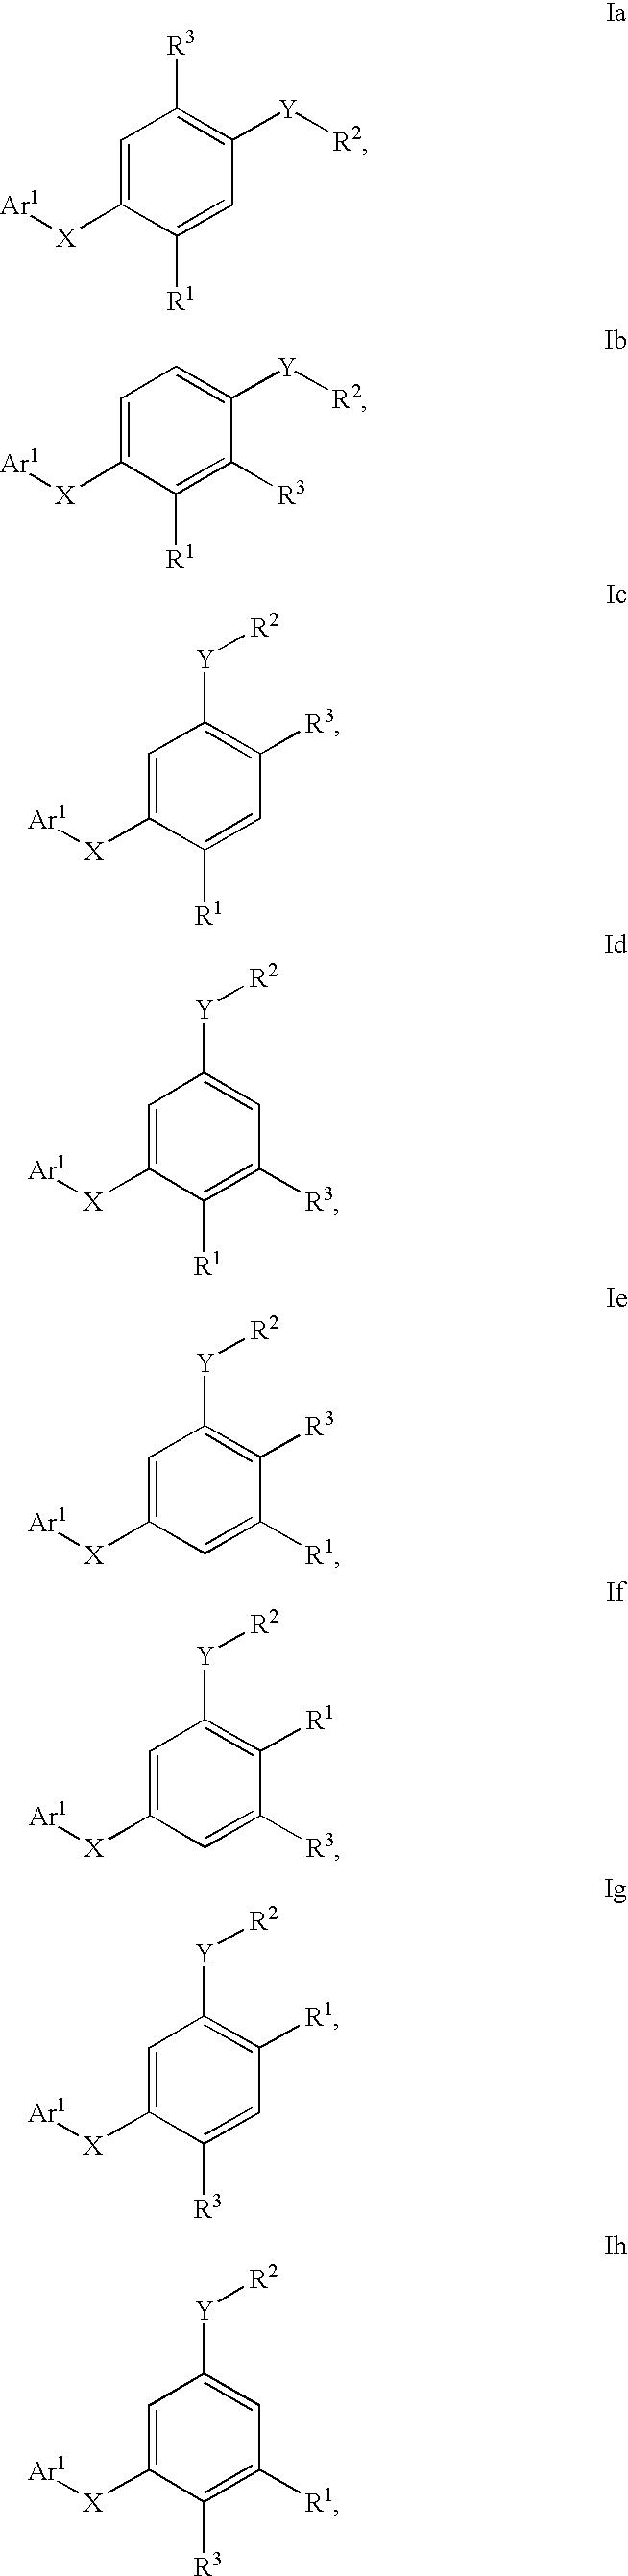 Figure US20030171399A1-20030911-C00003